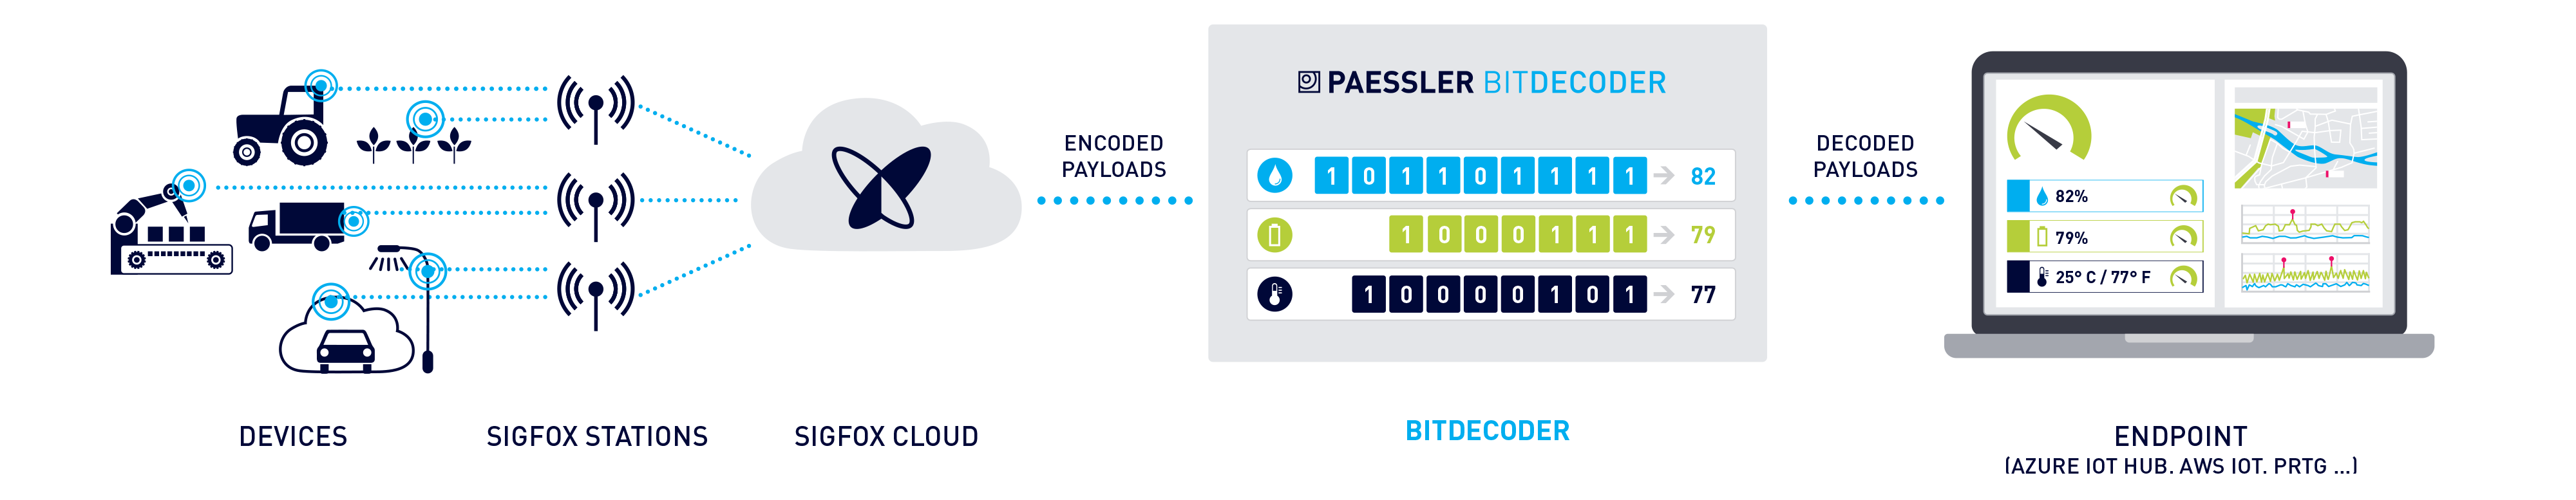 bit-decoder-1